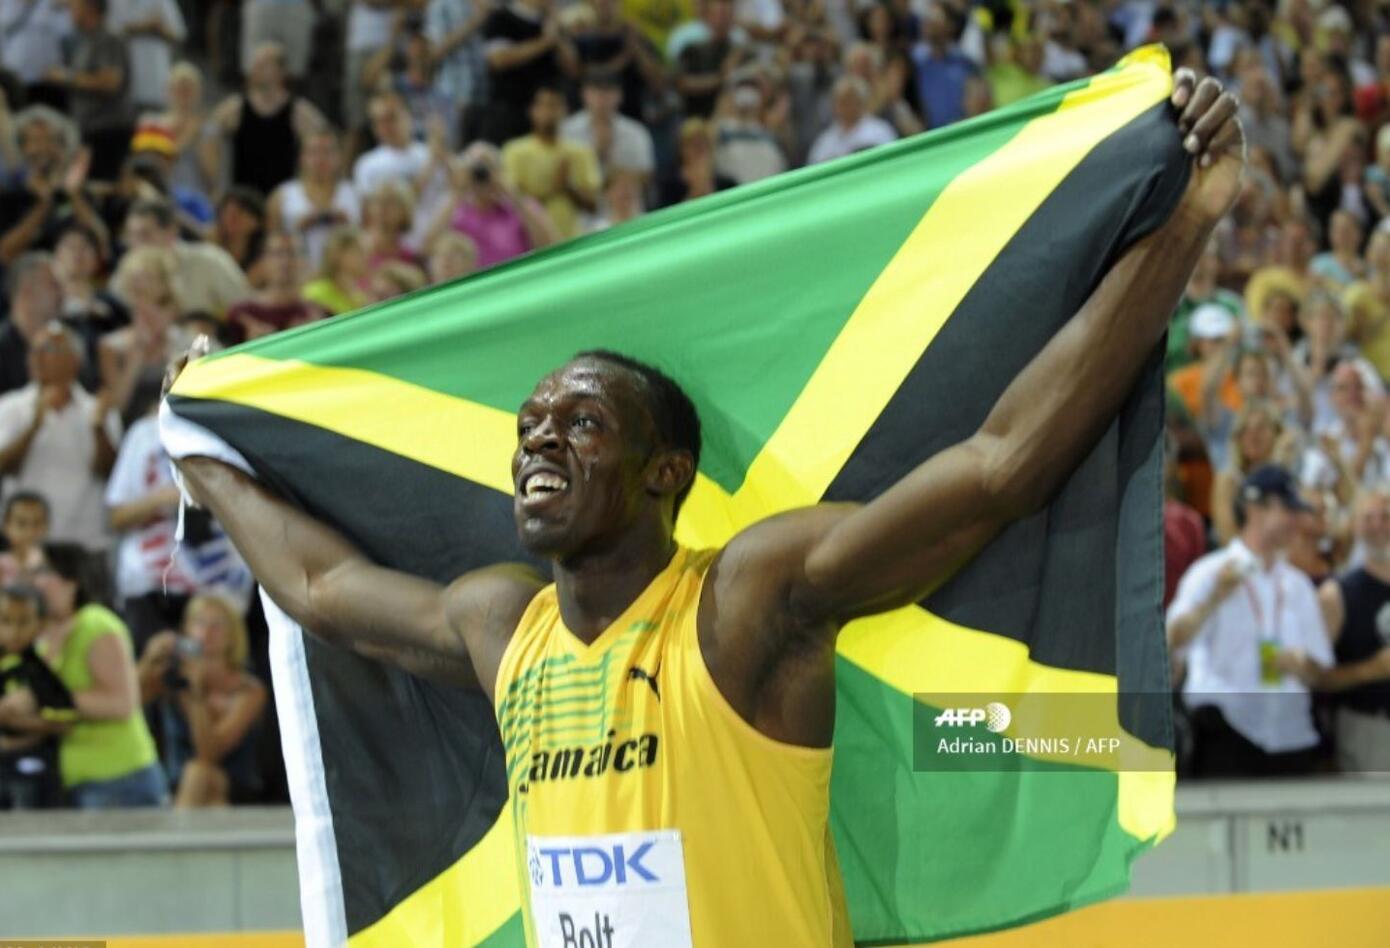 El 16 de agosto de 2009, con un tiempo de 9 segundos y 58 centésimas en Berlín, firmó una de las mayores gestas de la historia del deporte.